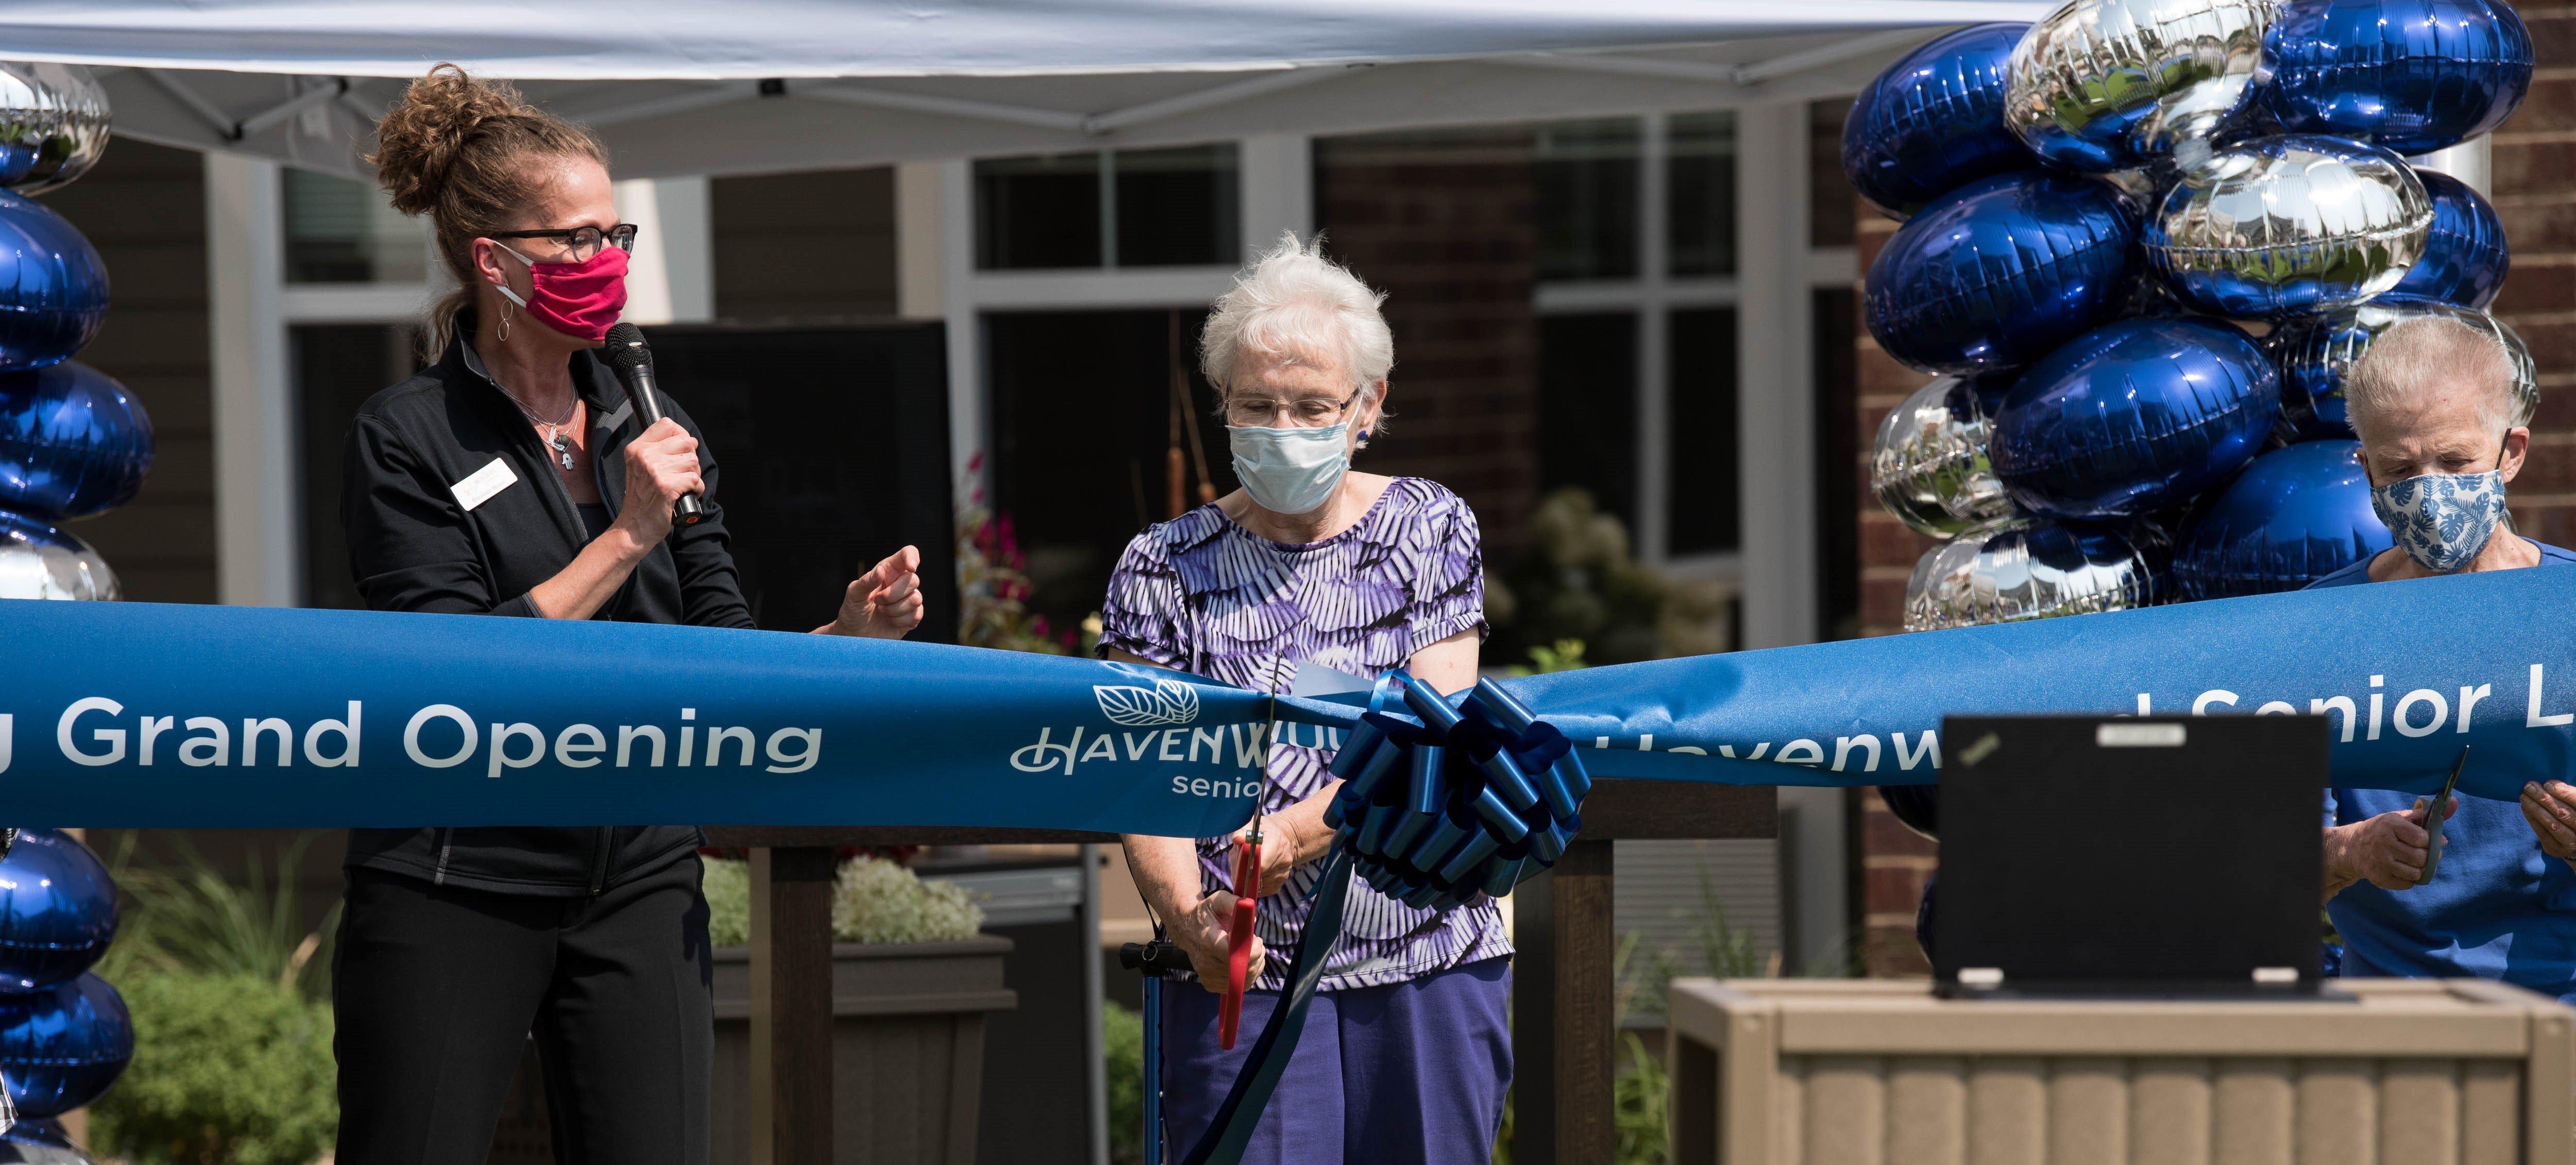 Havenwood of Buffalo Celebrates Grand Opening